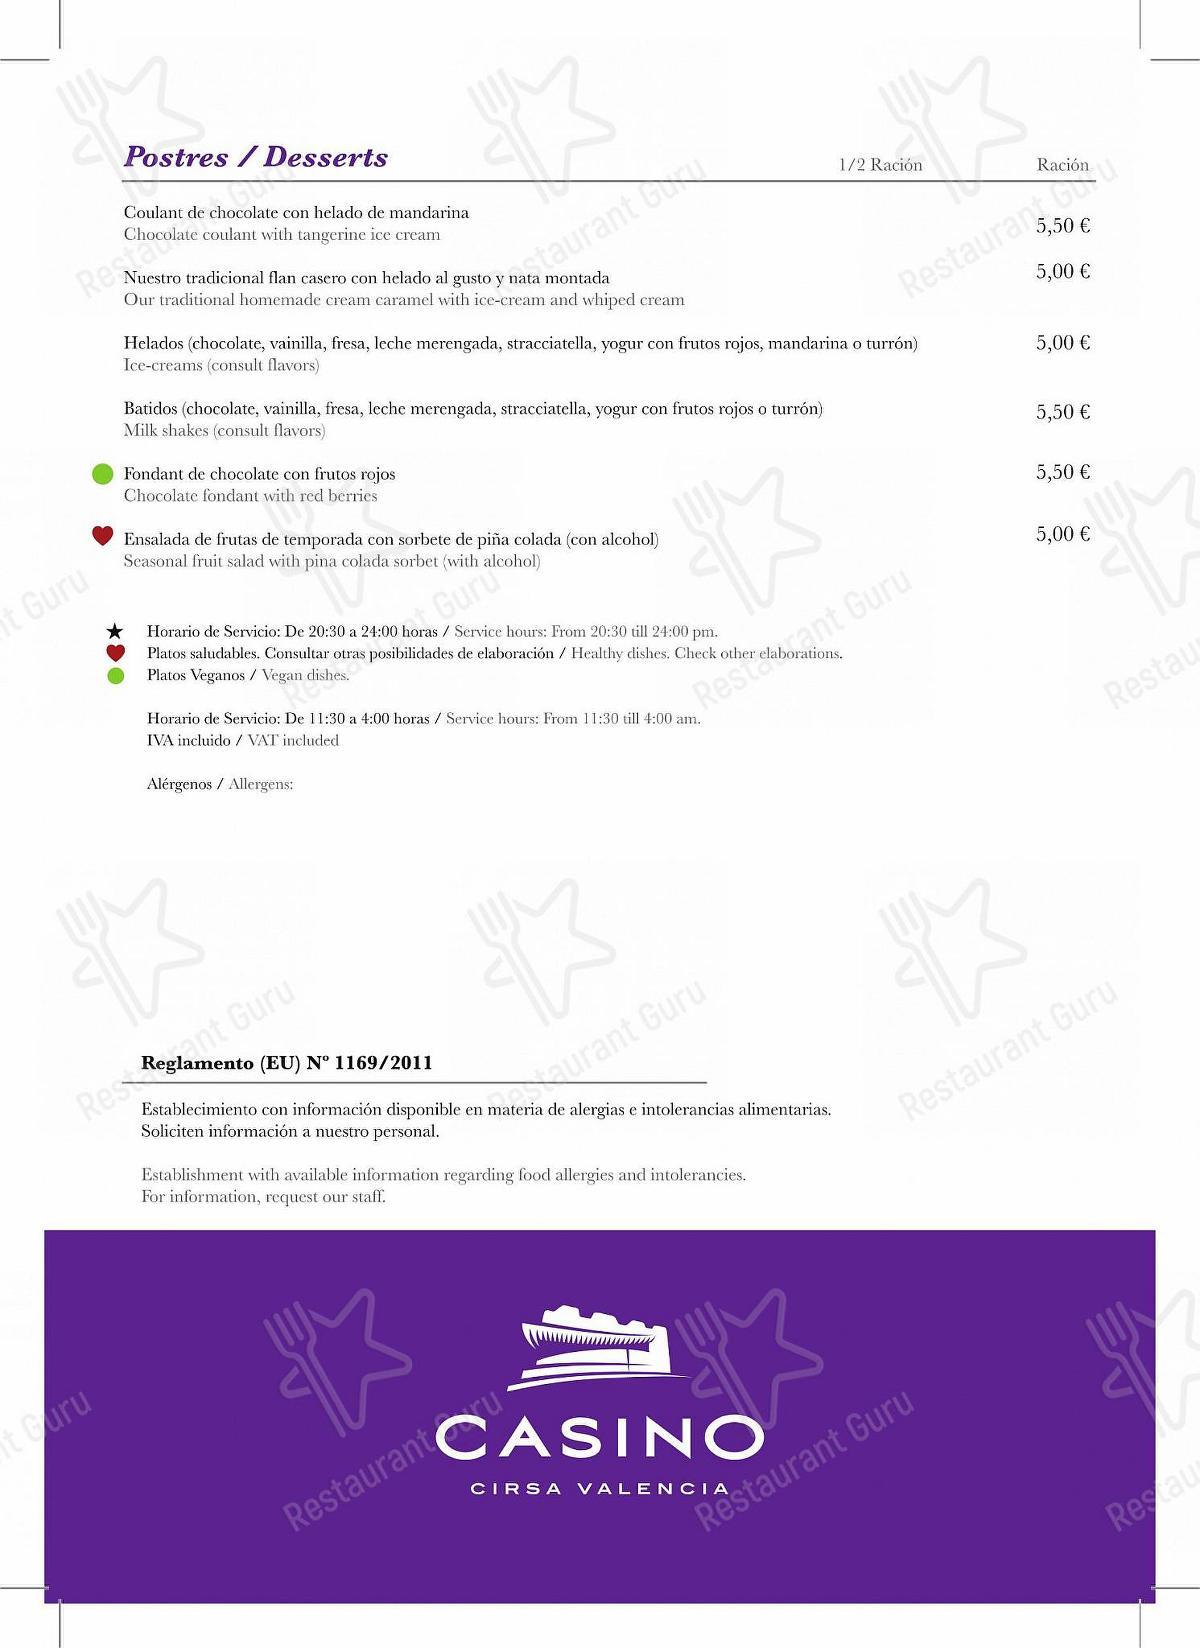 Carta de Cirsa Valencia restaurante